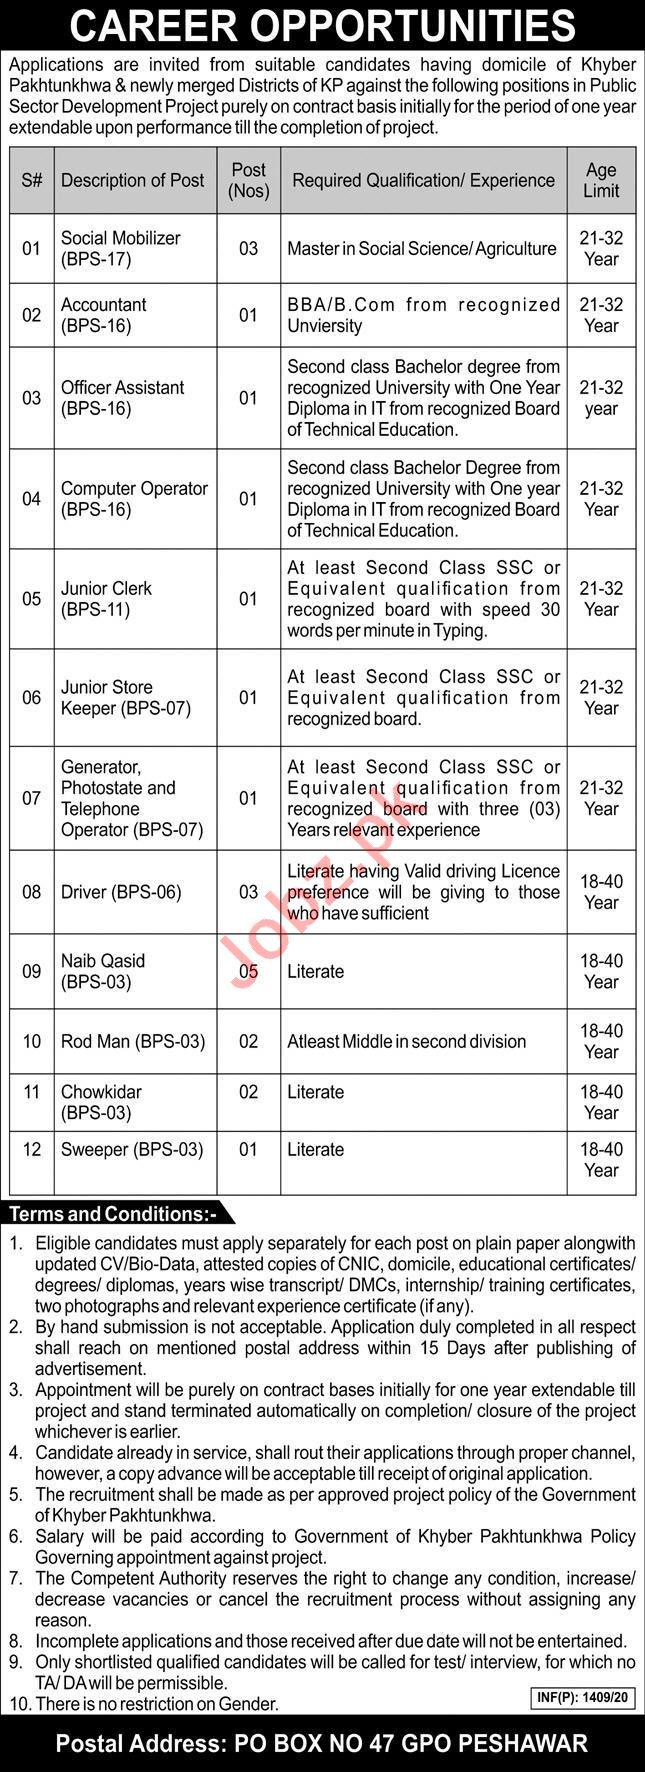 P O Box No 47 GPO Peshawar Jobs 2020